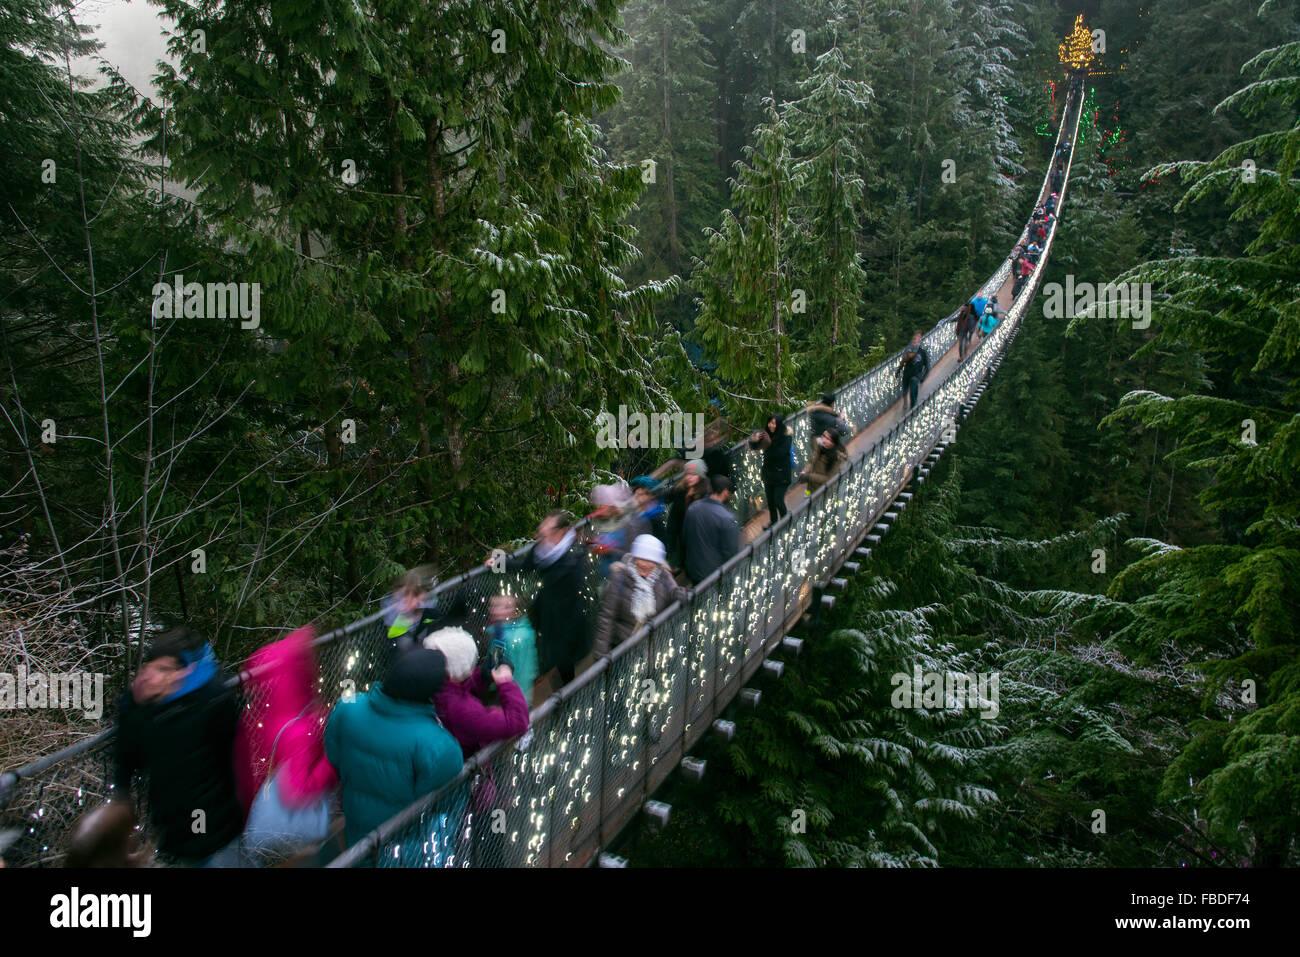 El puente colgante de Capilano, Vancouver, British Columbia, Canadá Imagen De Stock